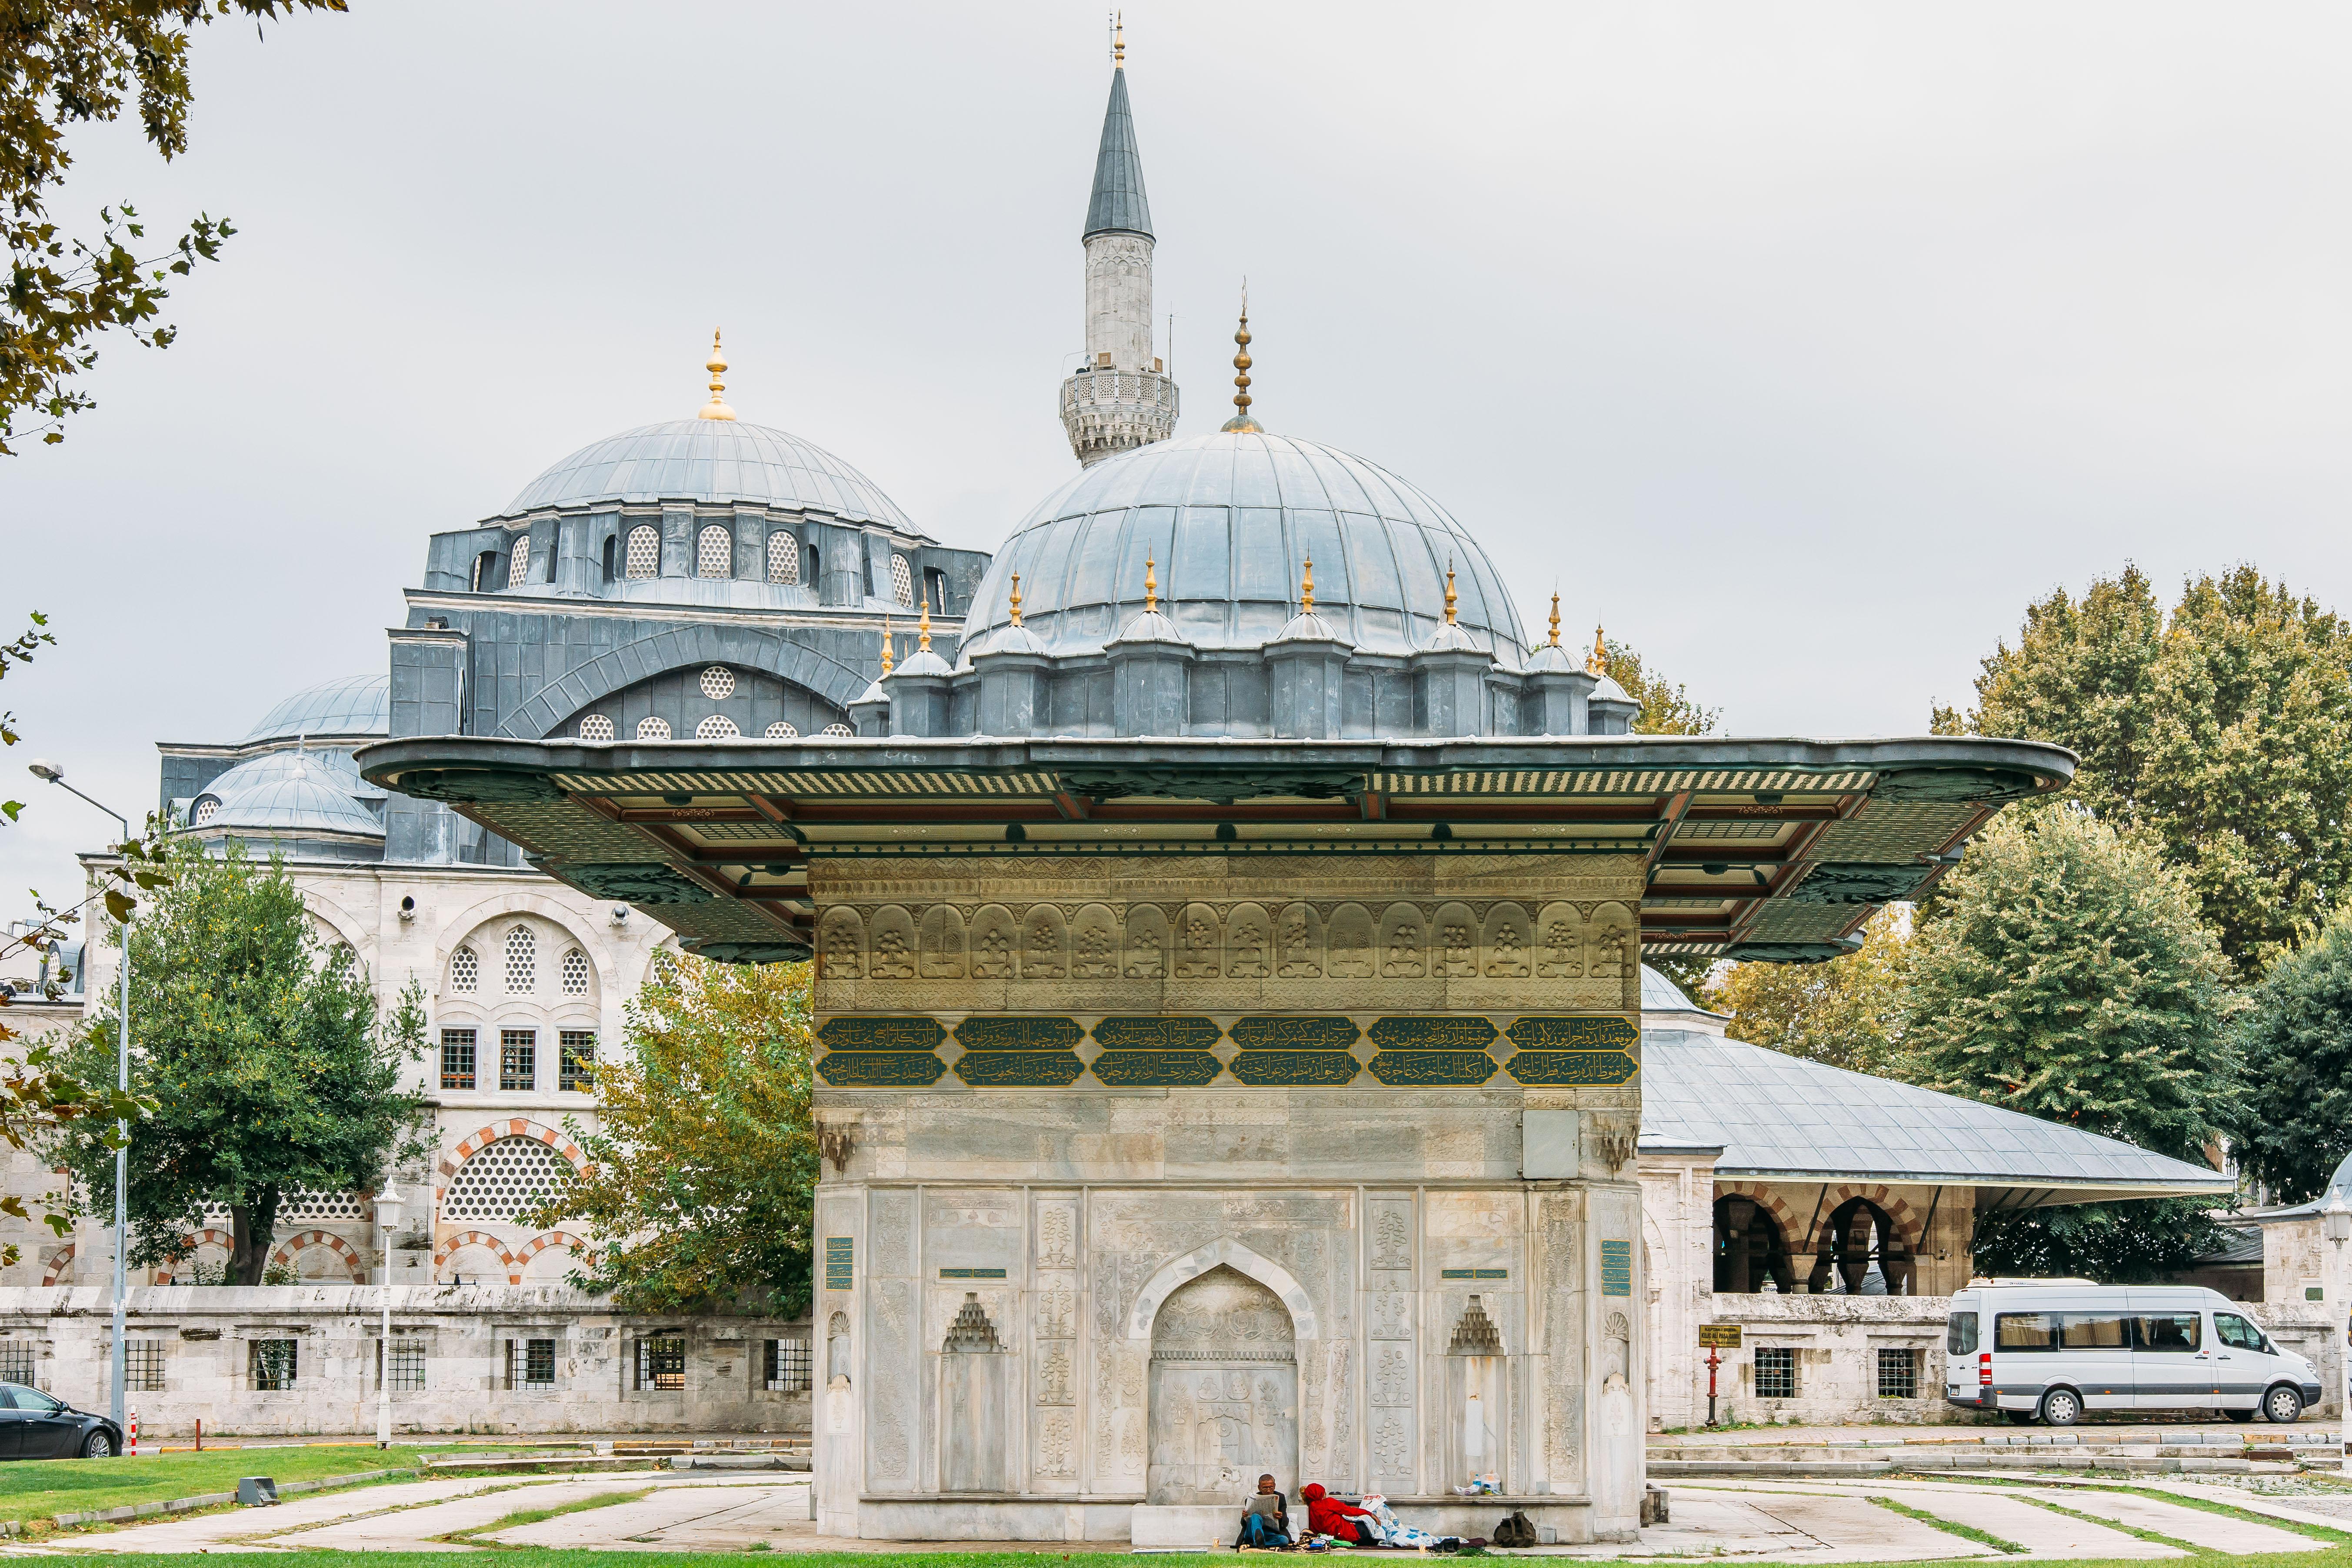 Önde Sultan I.Mahmut tara3ndan 1732 yılında yap:rılan Tophane Çeşmesi ve arkada Kaptan-ı Derya Kılıç Ali Paşa'nın 1580'de Mimar Sinan'a yap:rdığı Kılıç Ali Paşa Cami